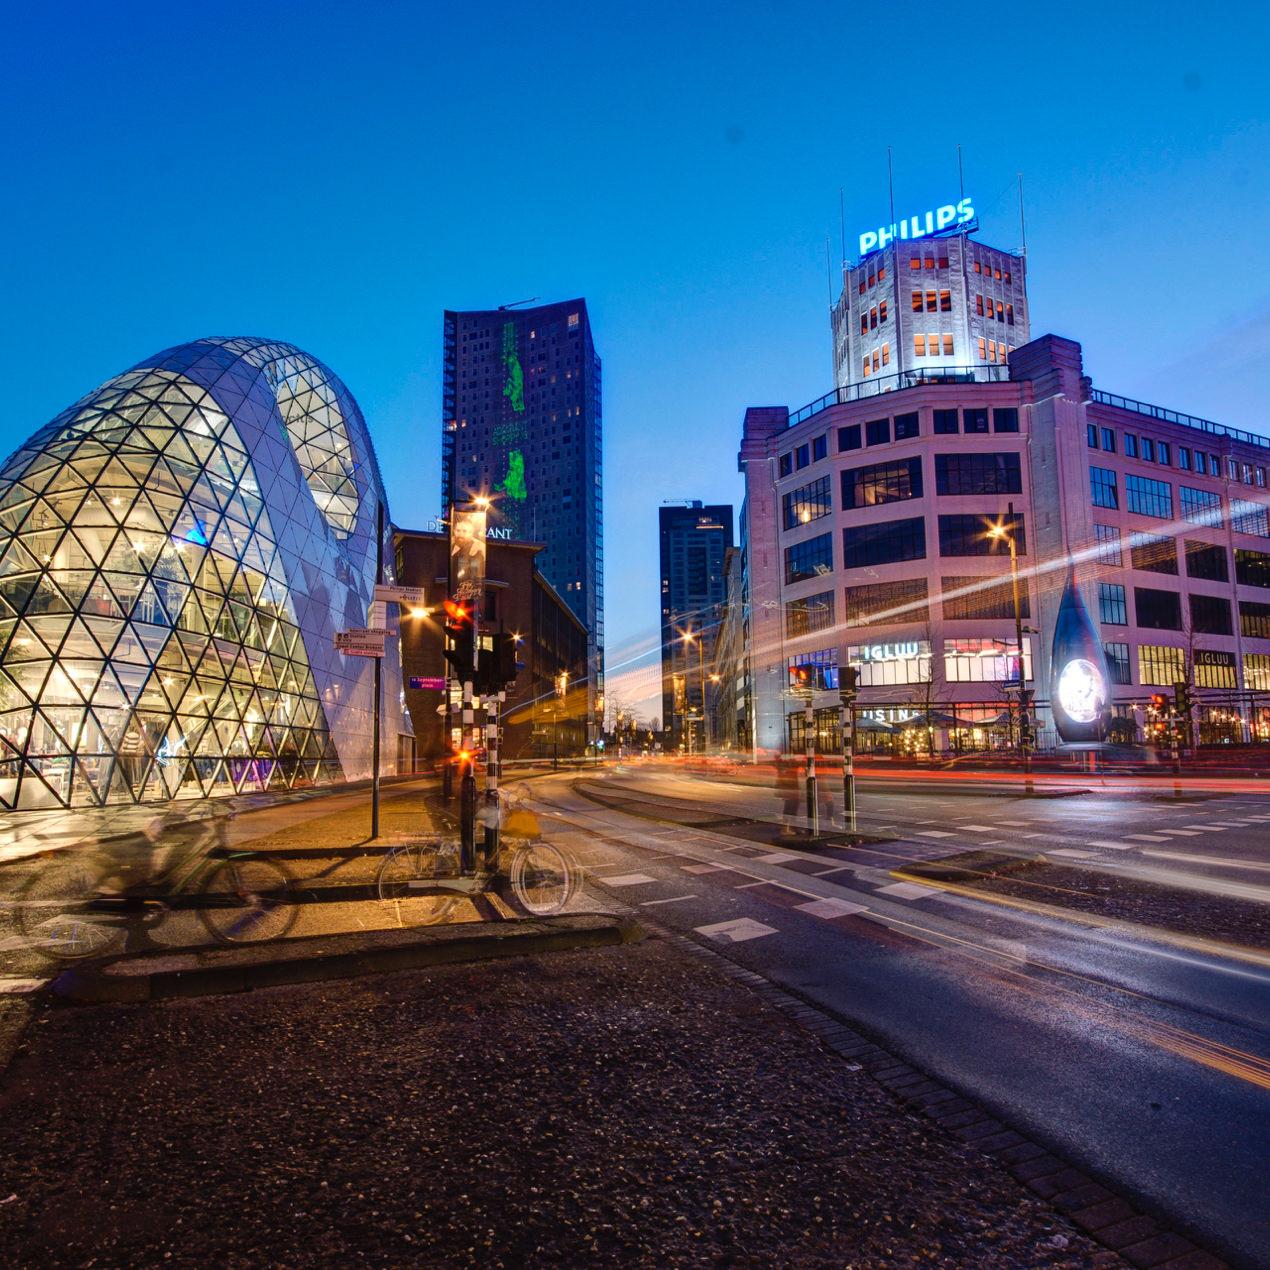 36e8f921-a7a7-4d34-8848-9da02c9b23ce_eindhoven - 5G HUB Eindhoven